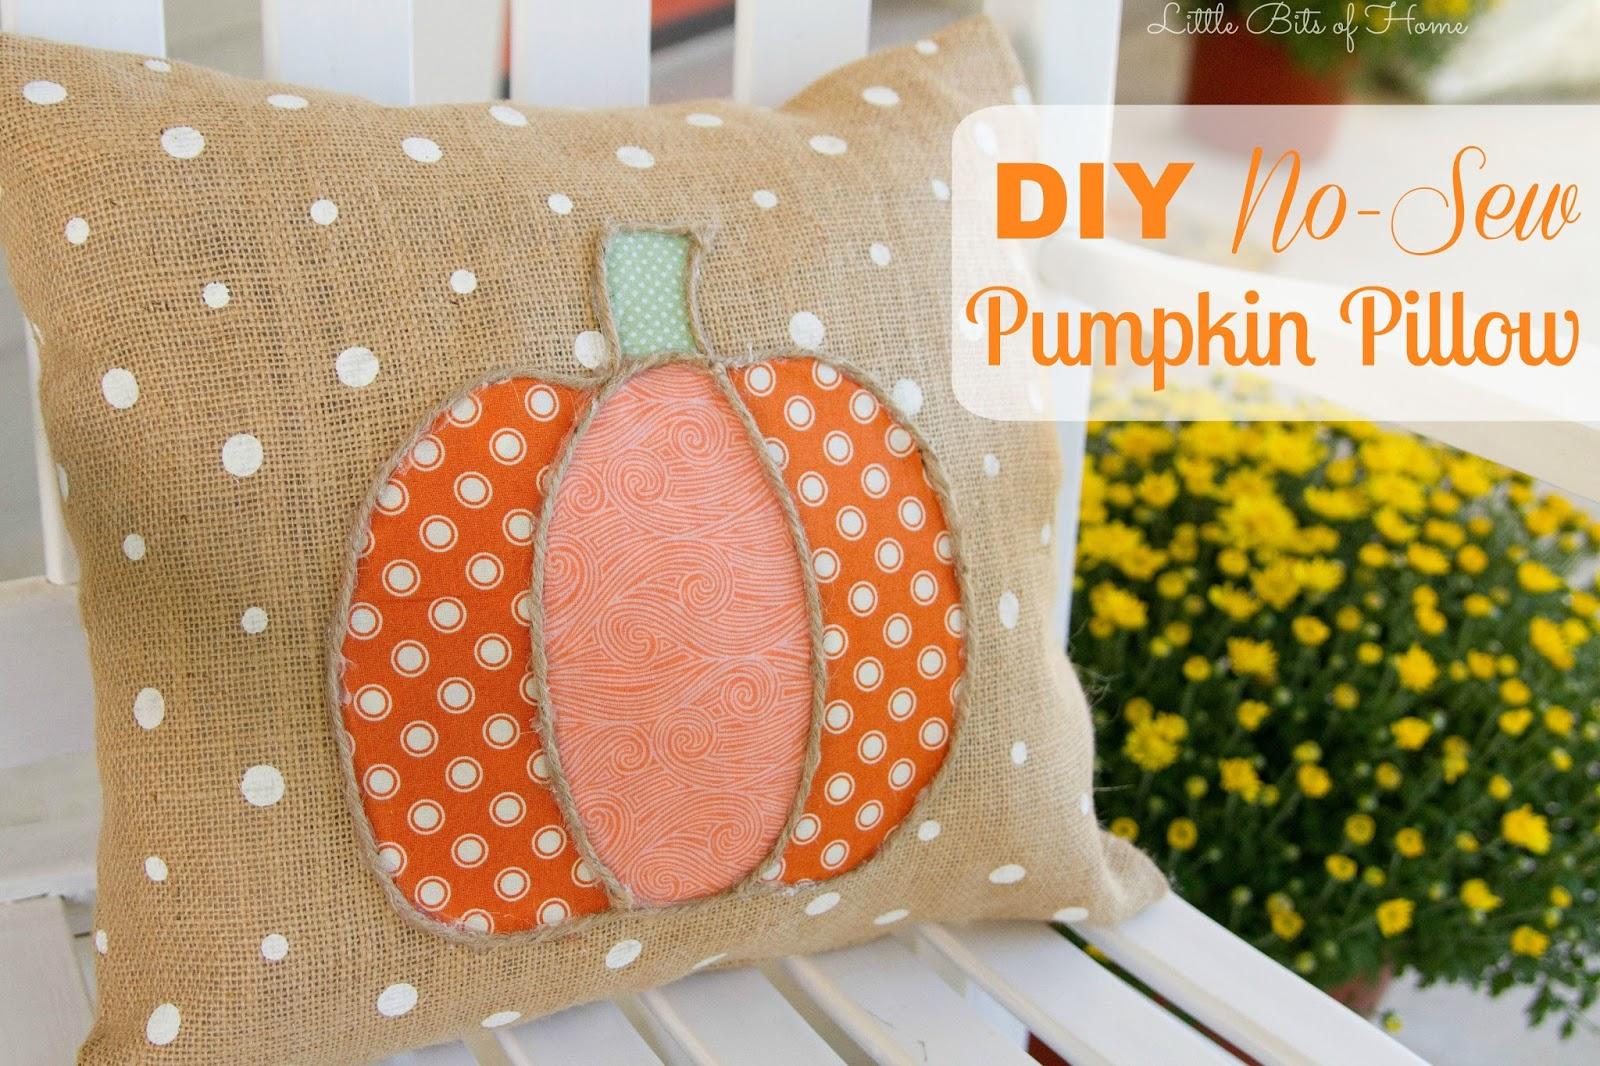 DIY No-Sew Pumpkin Pillow